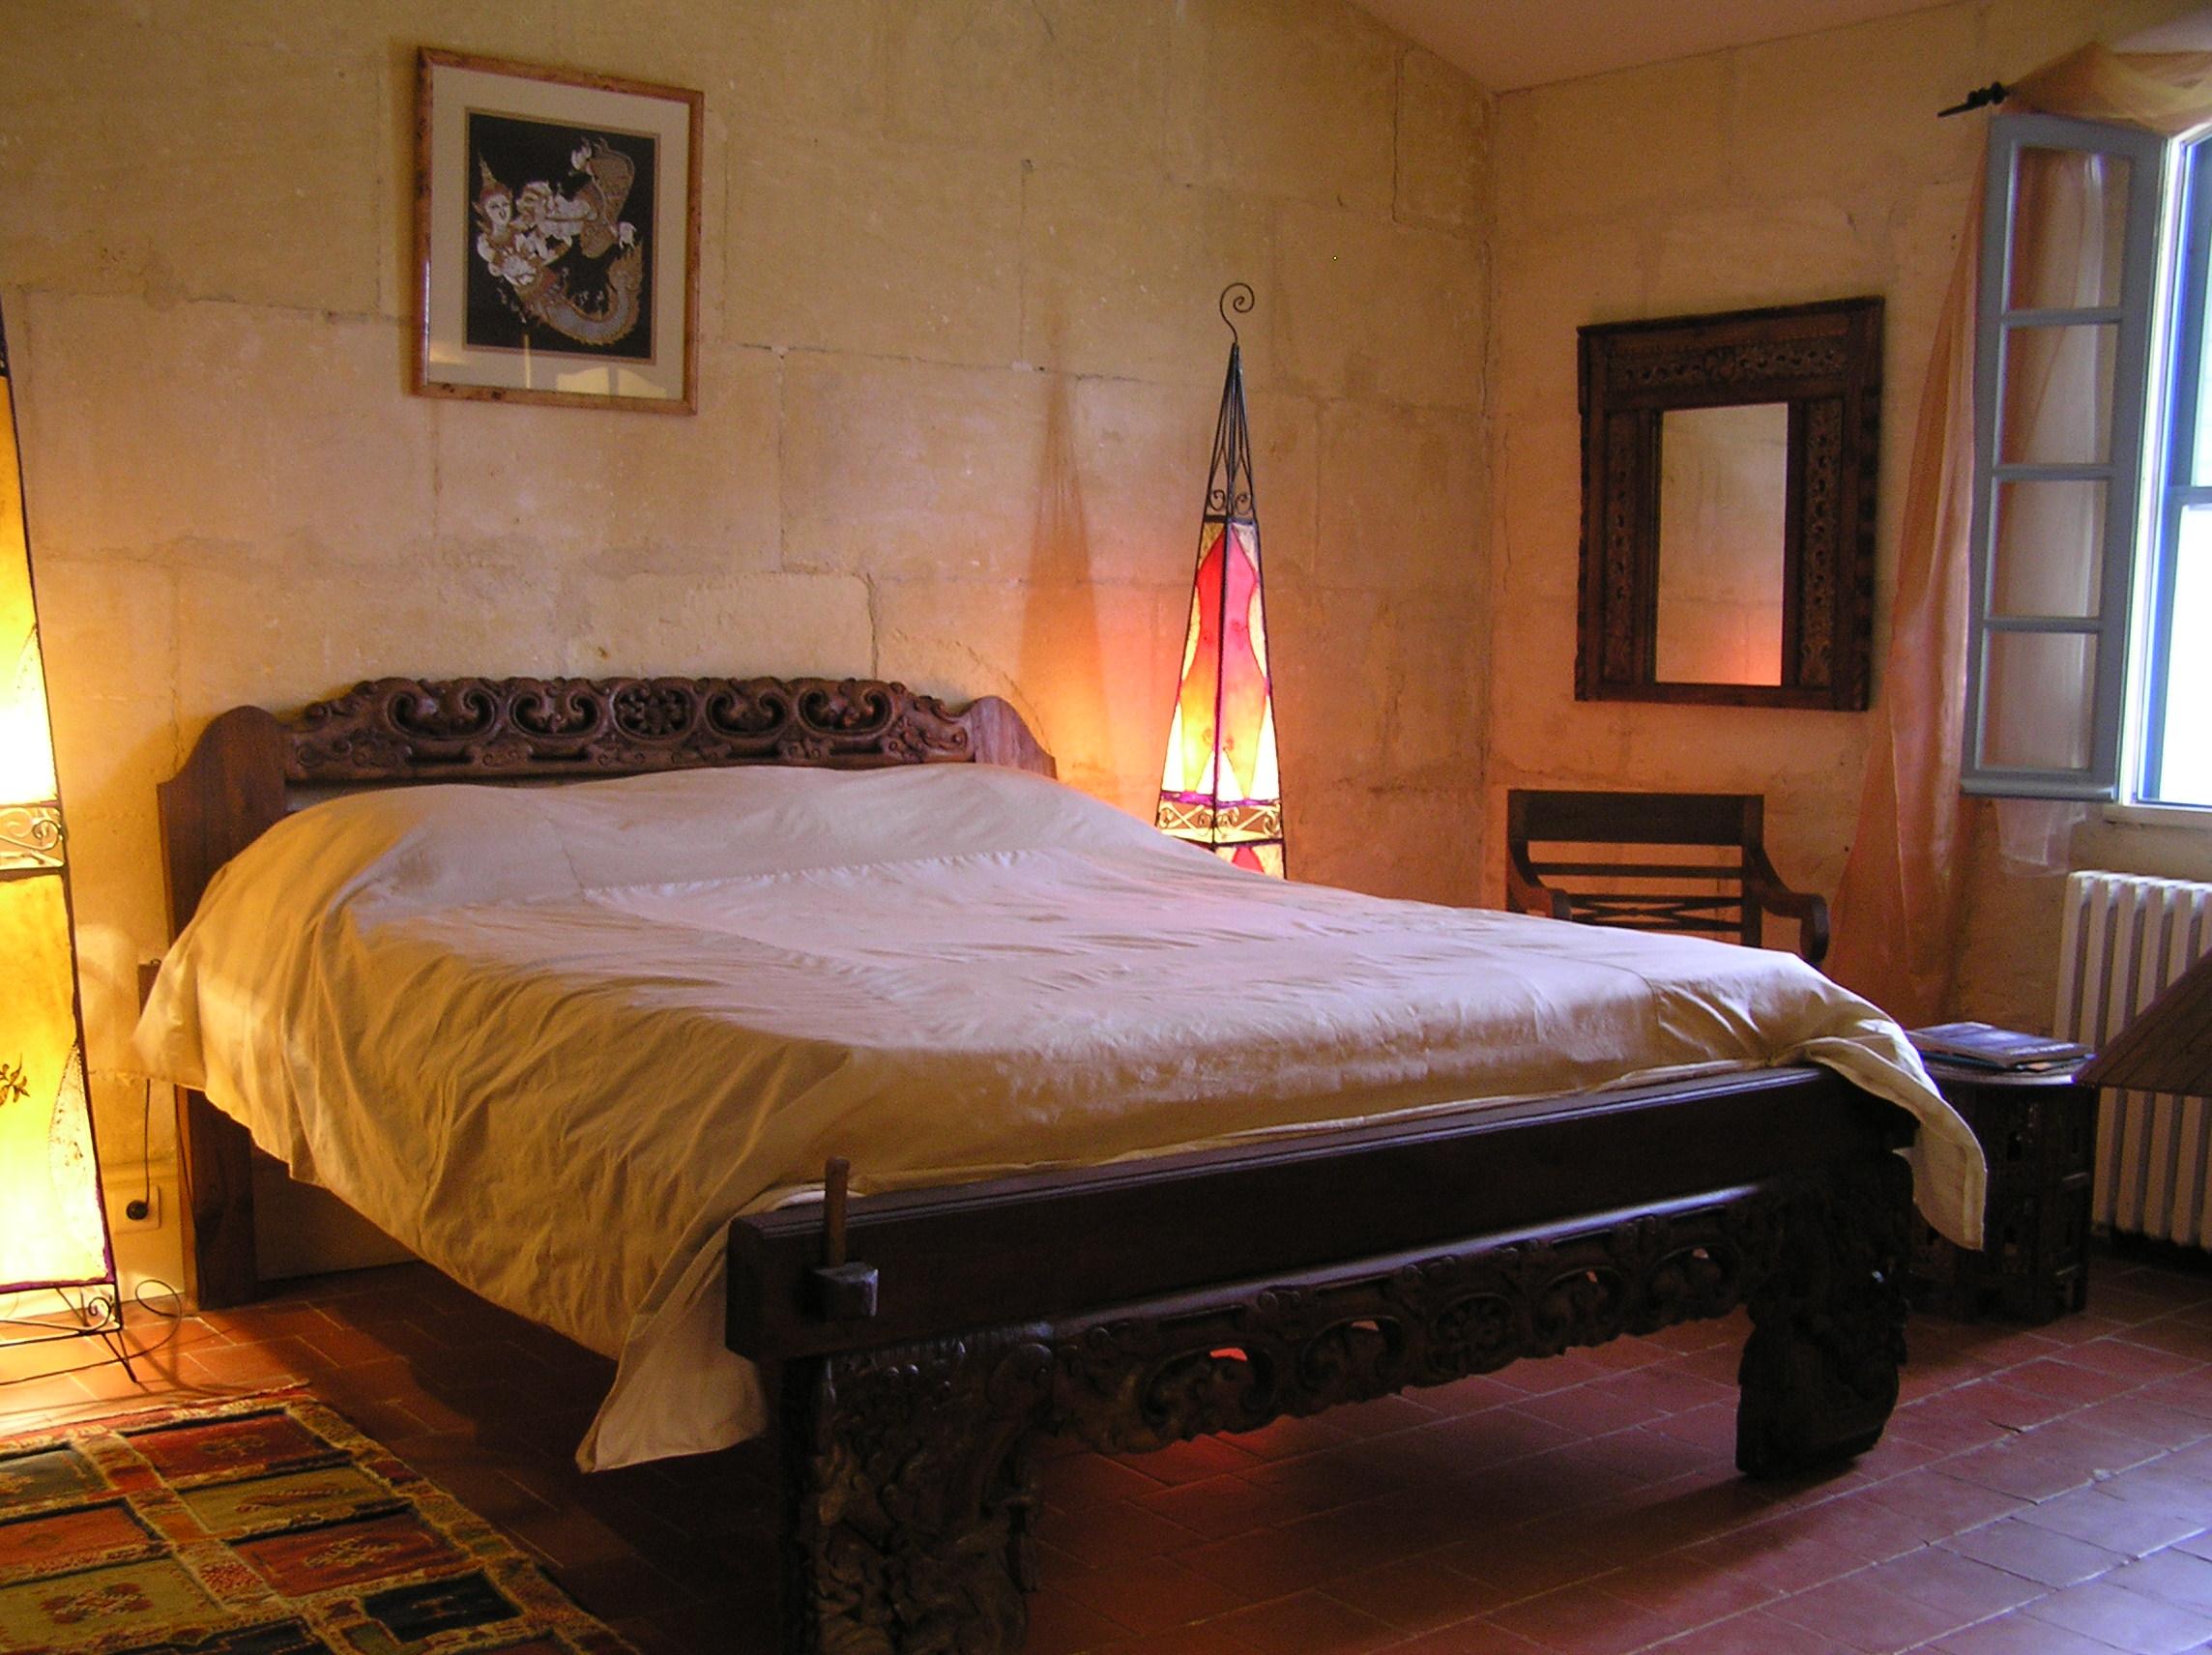 Un lit immense,